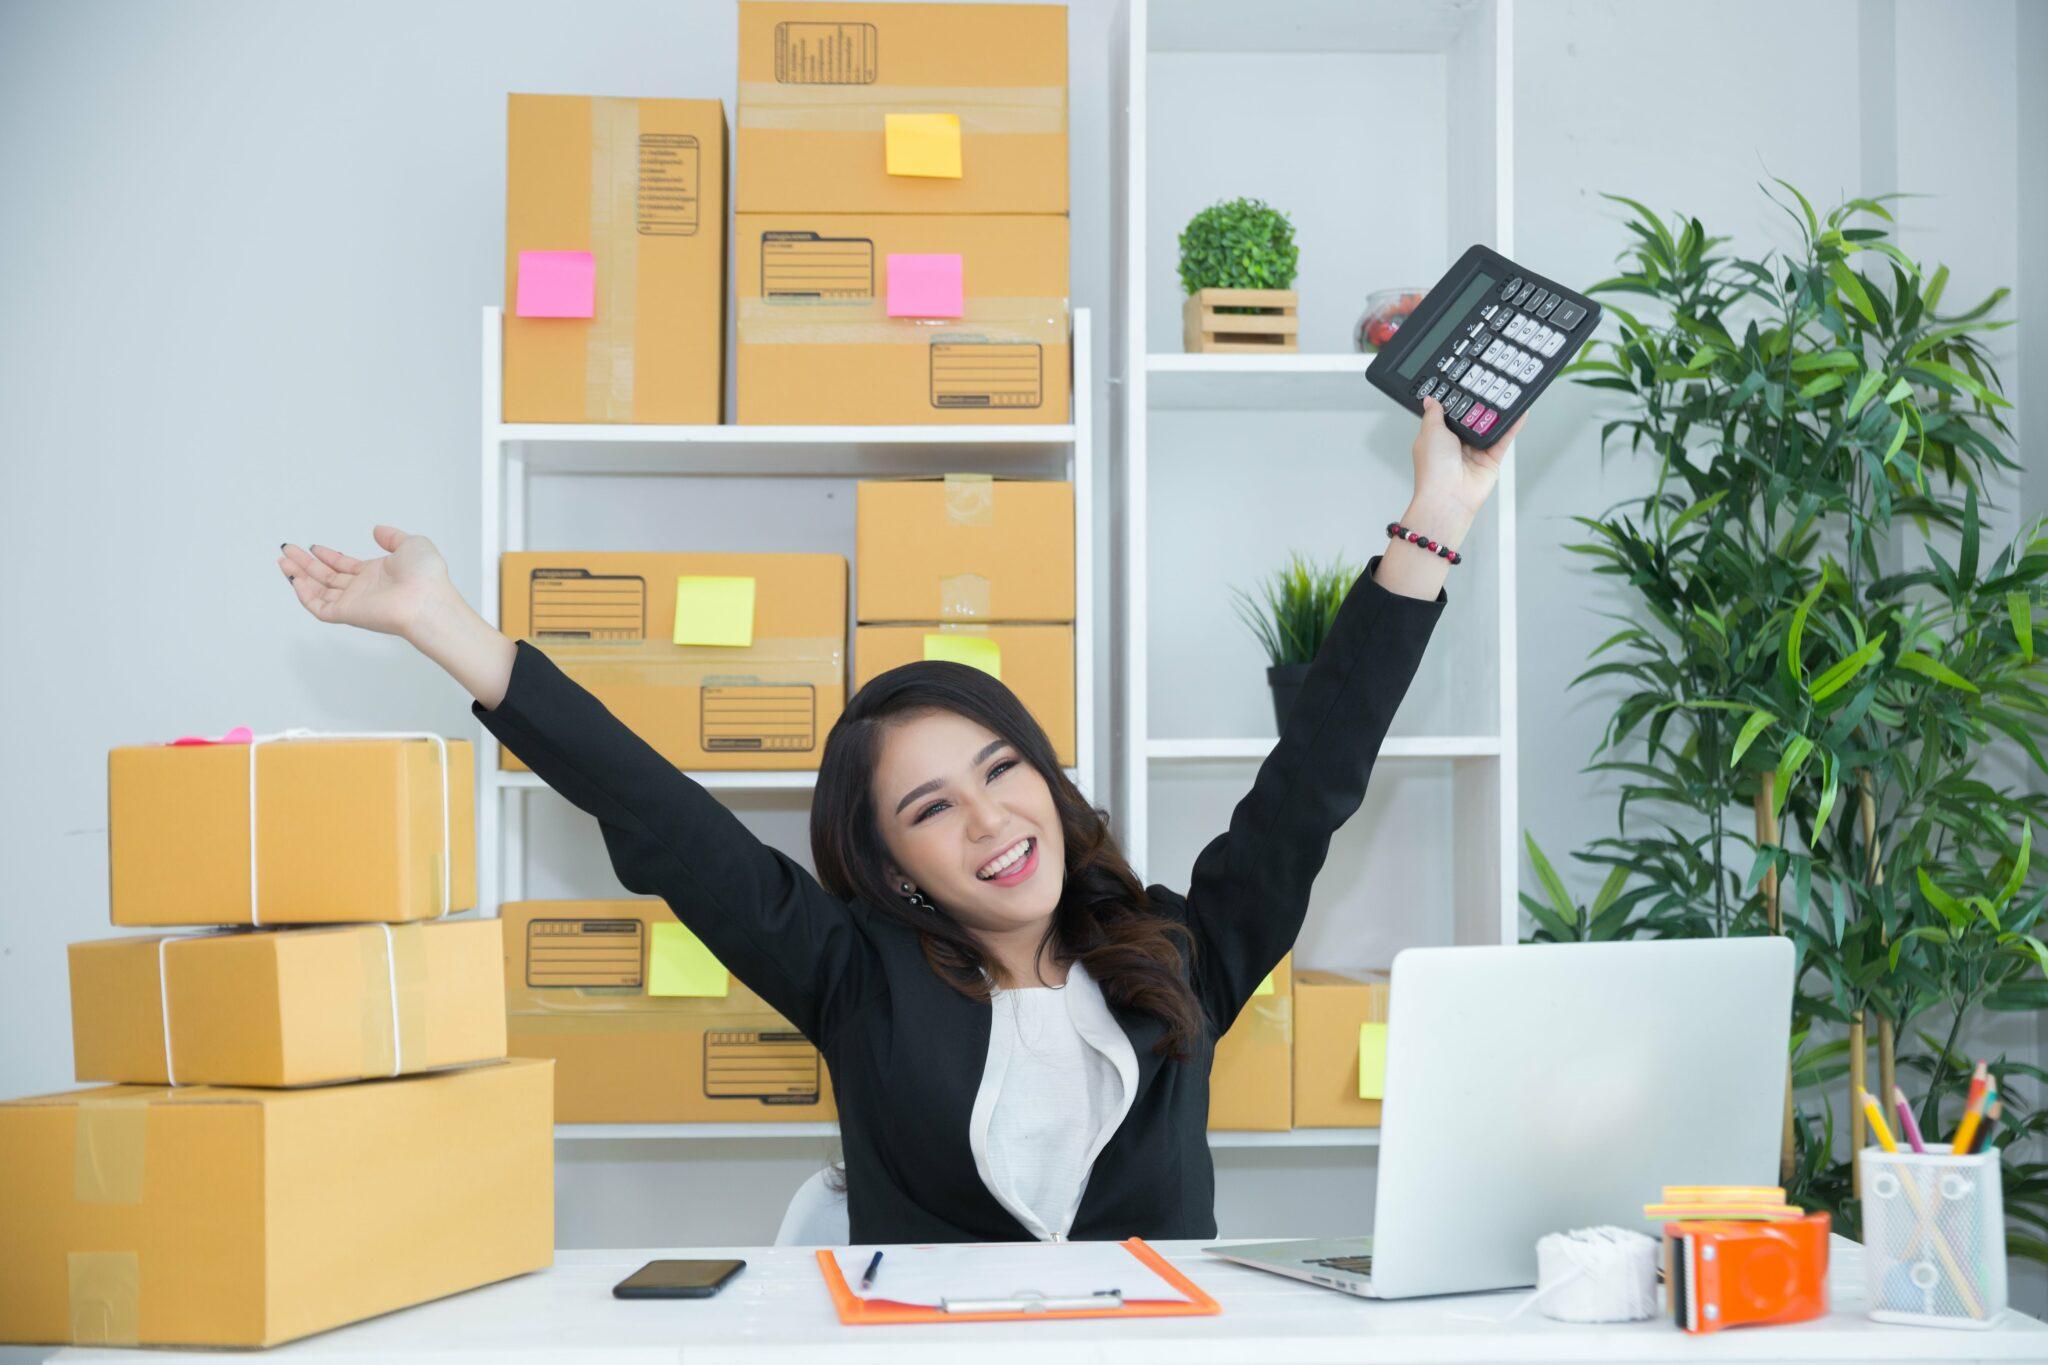 pinjaman modal usaha tanpa modal